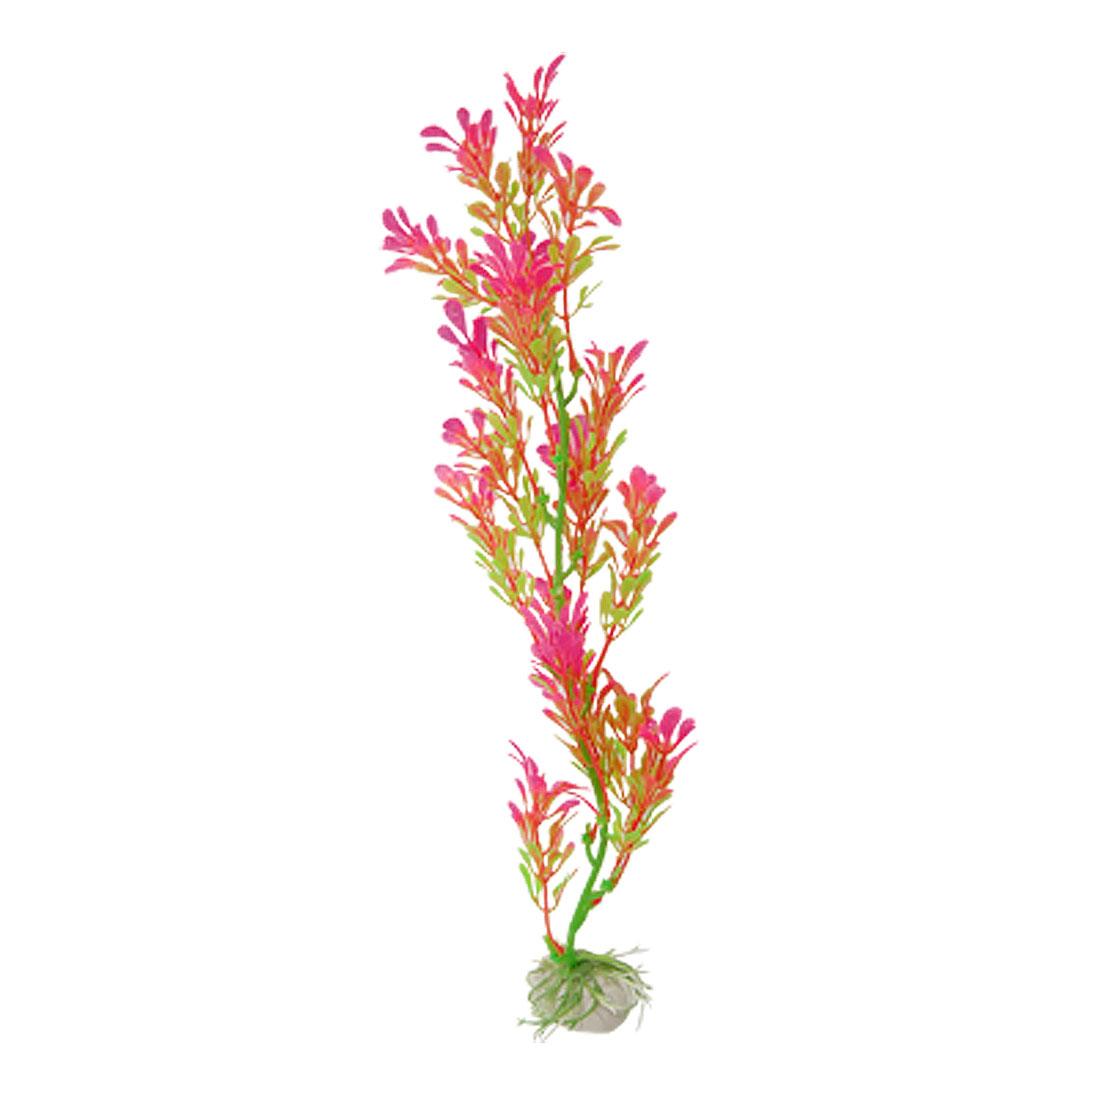 Pink Green Plastic Underwater Grass Ornament for Aquarium